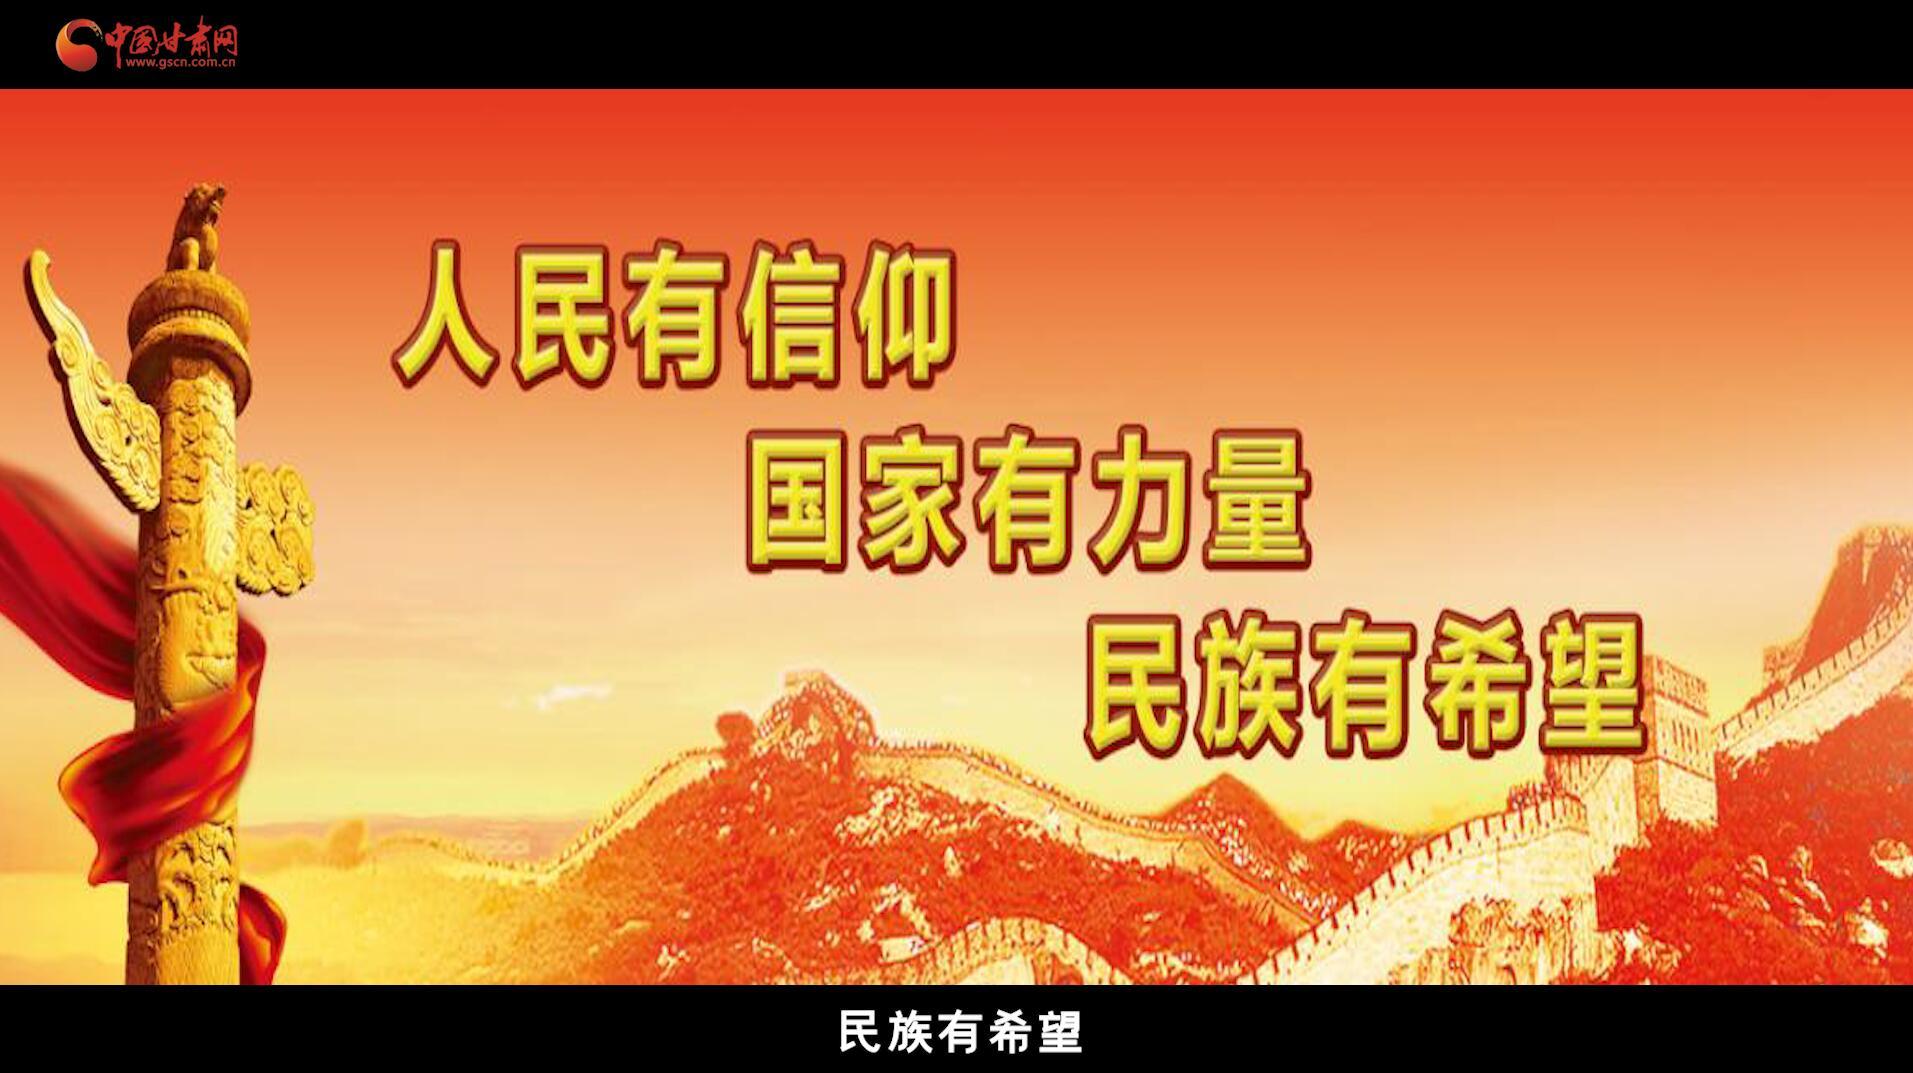 """【甘肃省""""100系列""""献礼建党百年】陇原红色微党课·中国梦"""